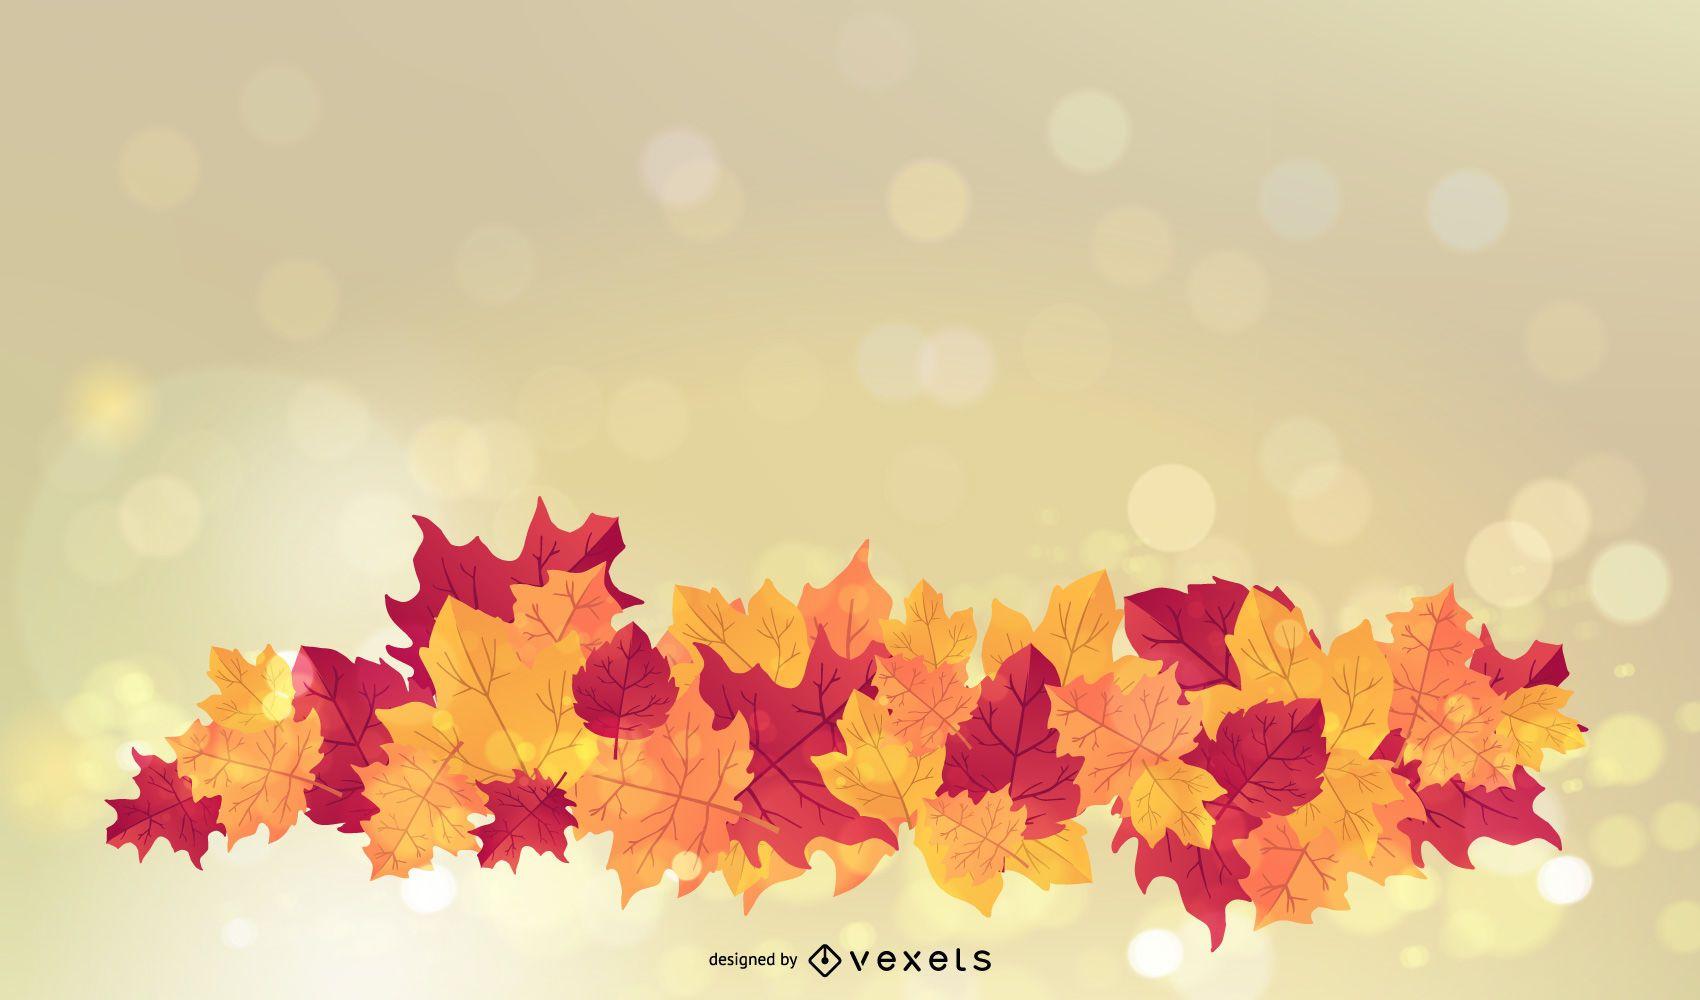 Shiny Autumn Leaves Background